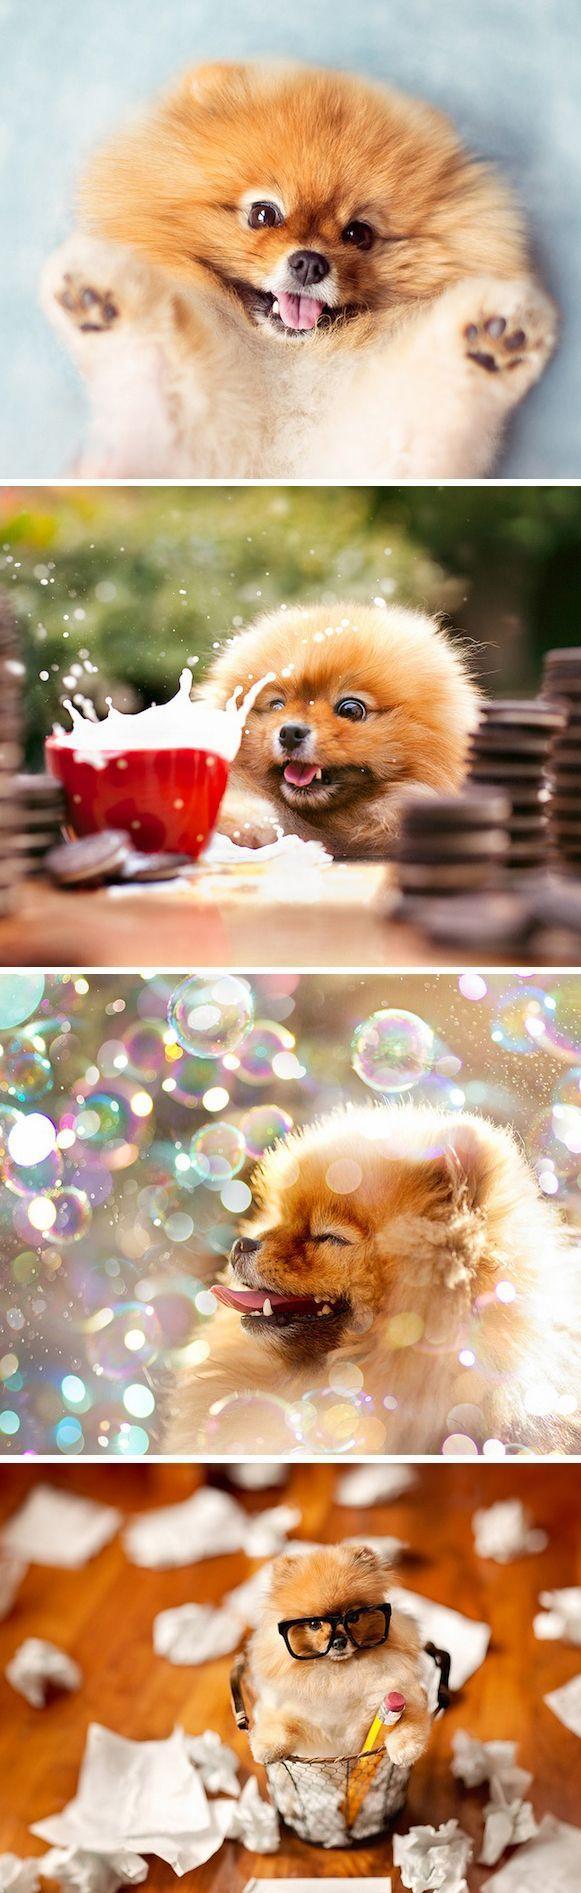 Meet Flint: An Adorable Pomeranian That Will Melt Your Heart